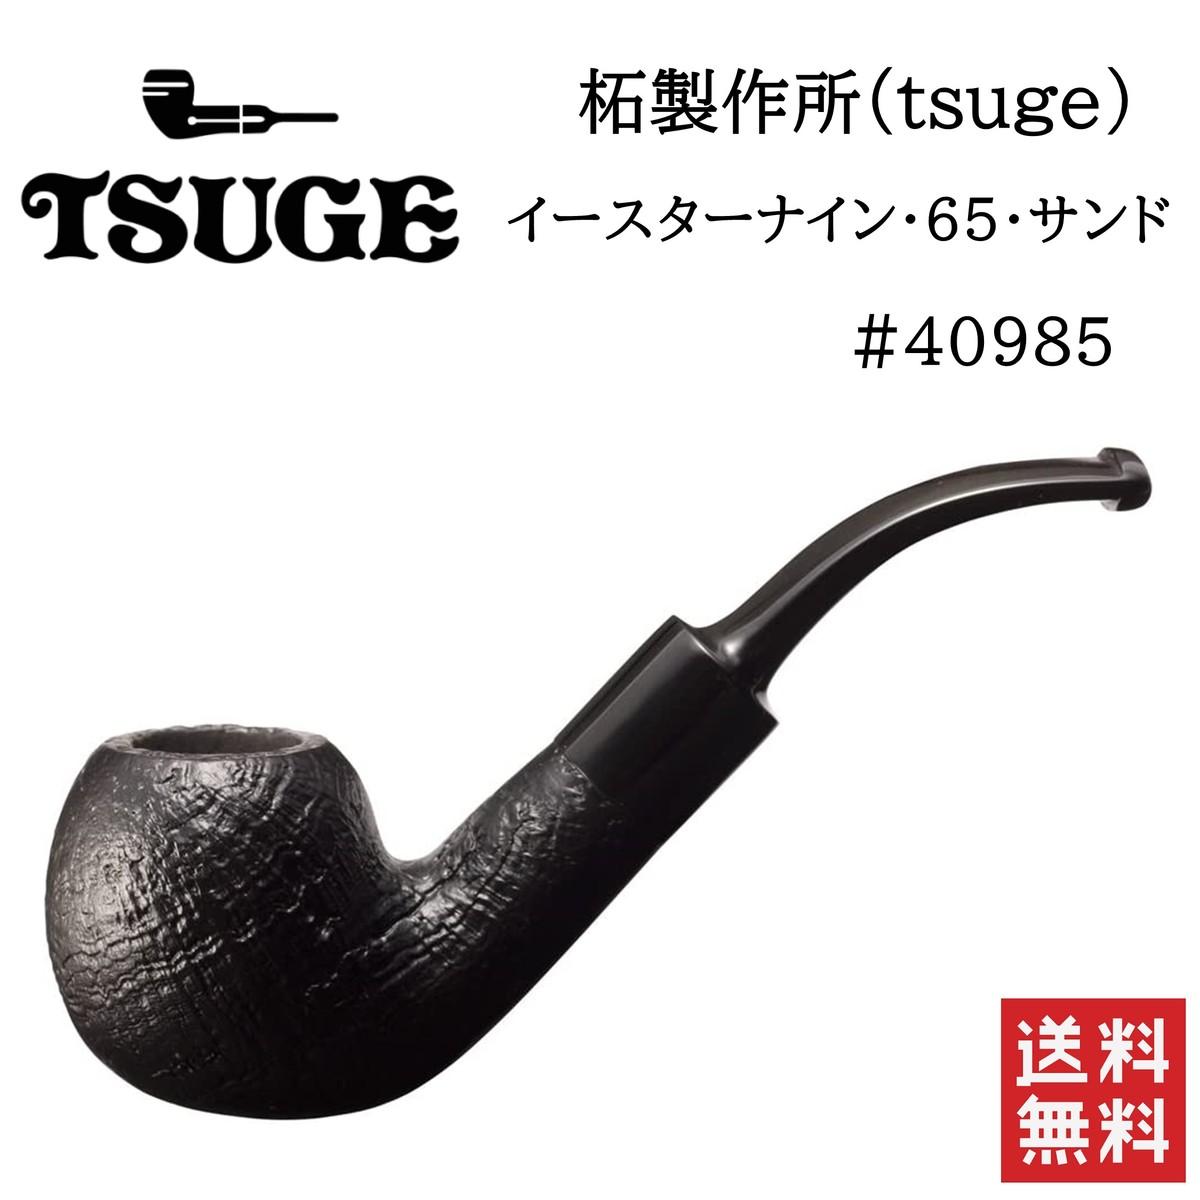 送料無料 安値 柘製作所 tsuge イースターナイン 65 サンド 期間限定 煙管 パイプ キセル 喫煙具 #40985